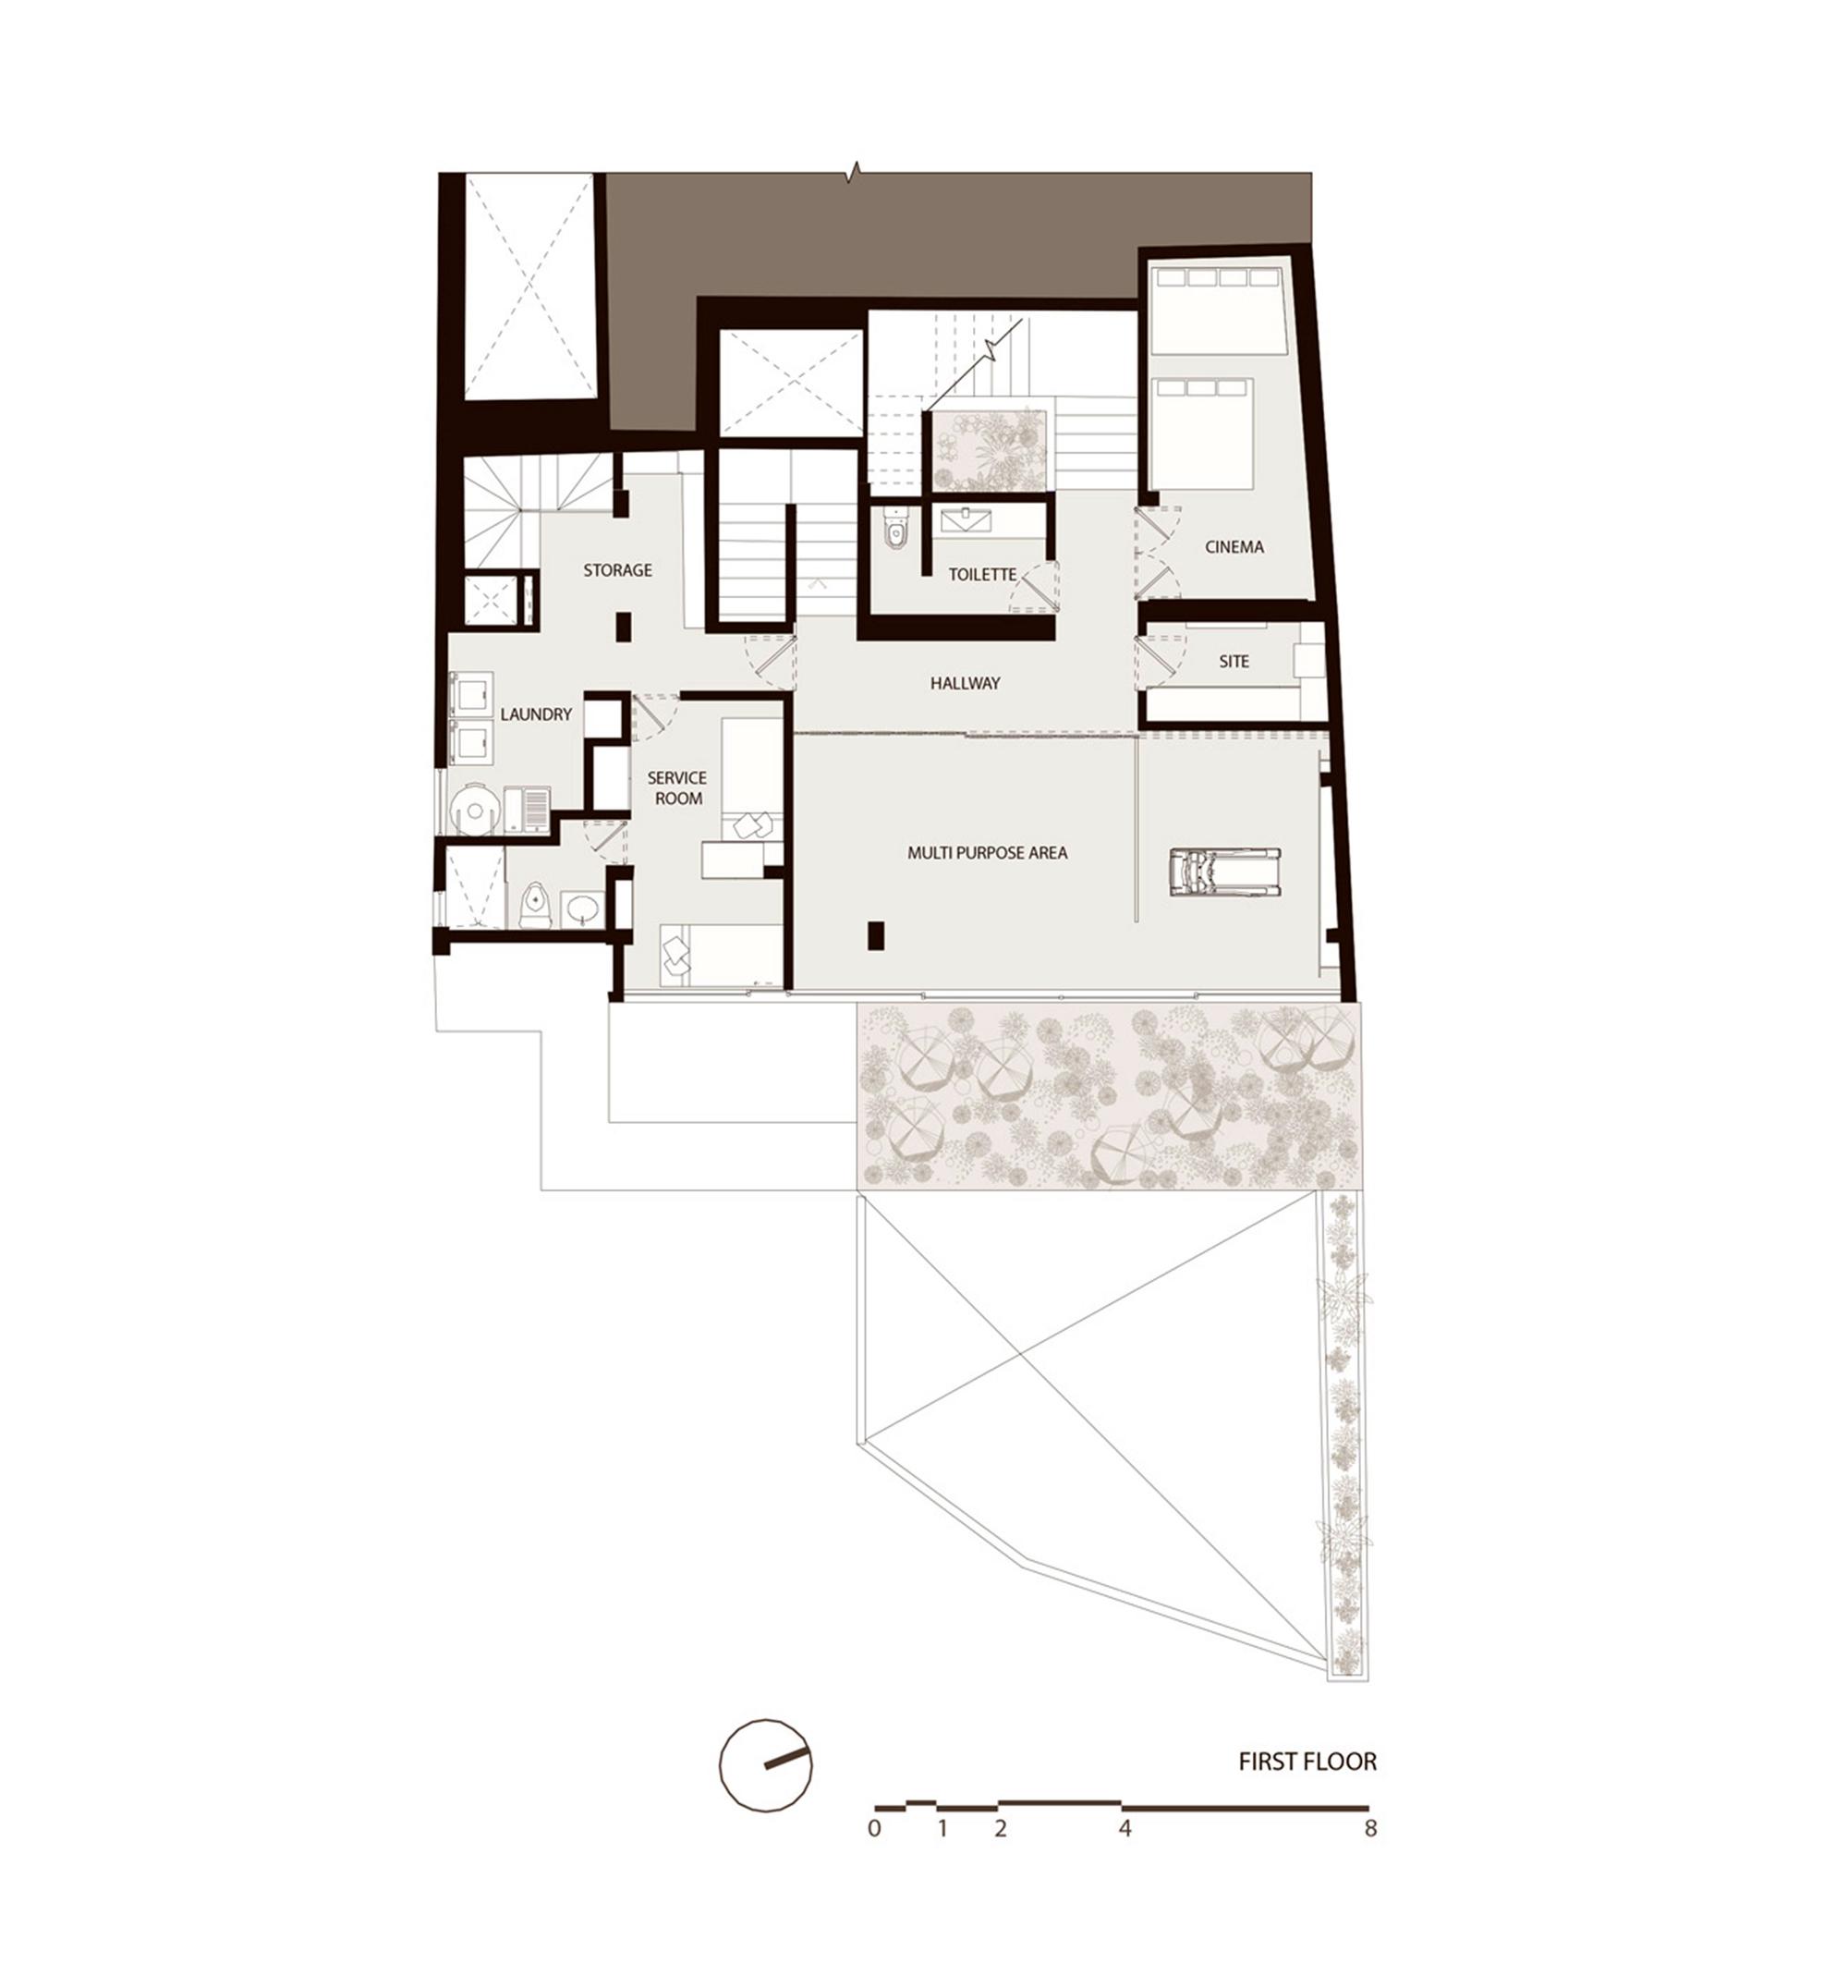 Barrancas-House-In-Mexico-City-Mexico-26